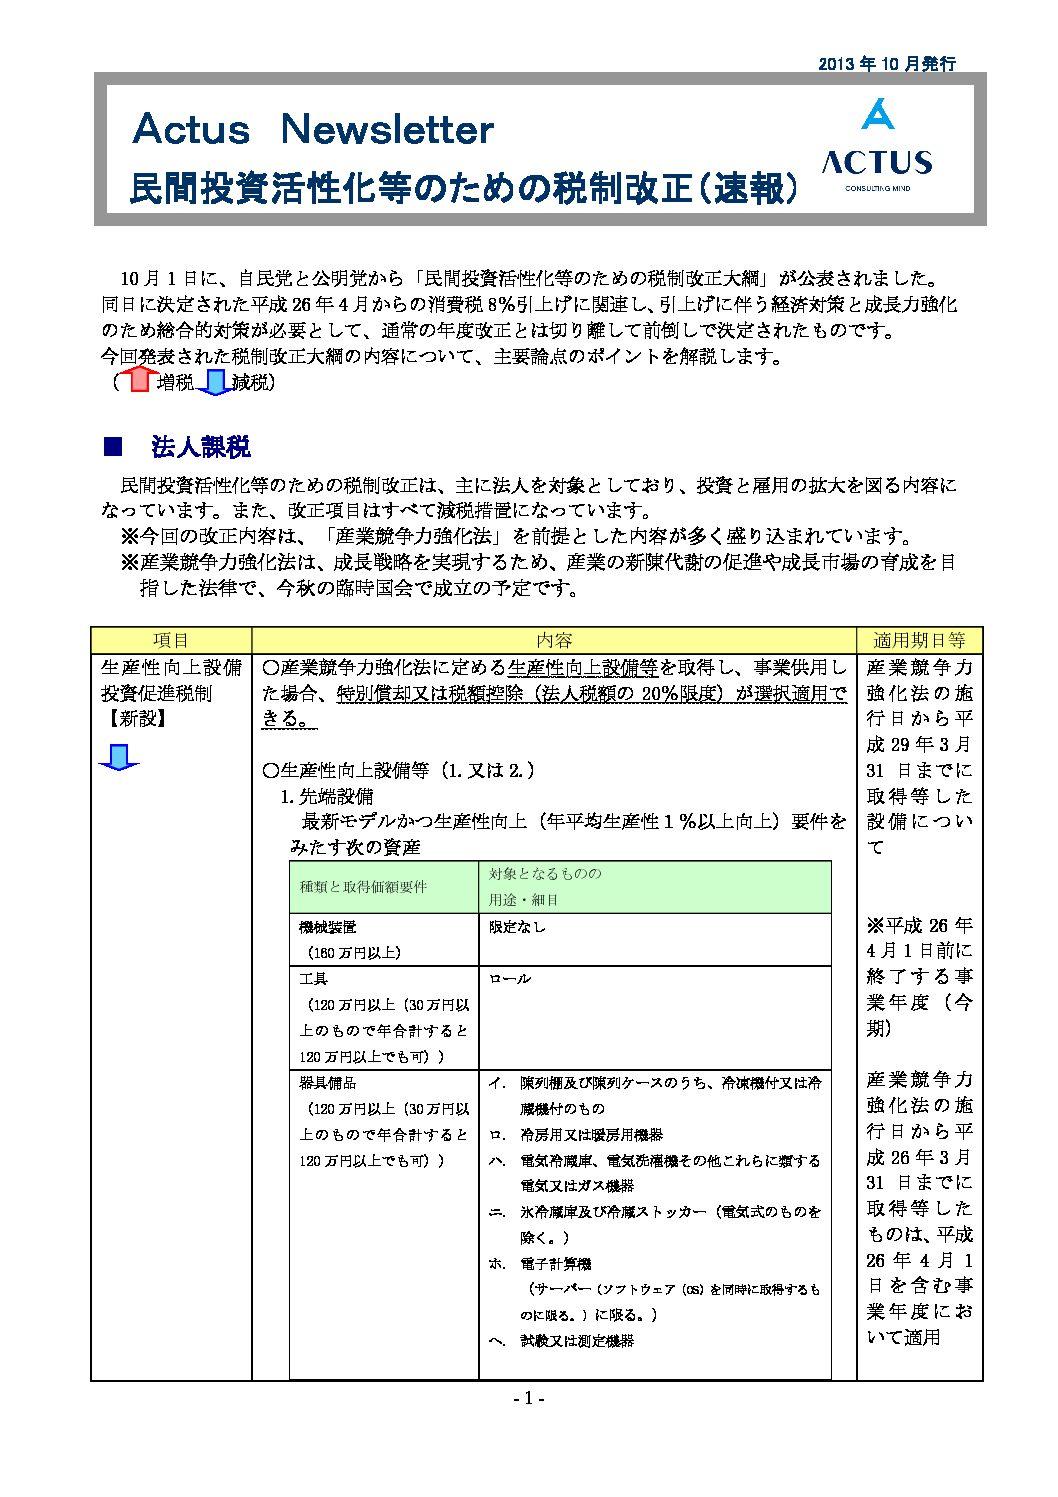 民間投資活性化等のための税制改正(速報)